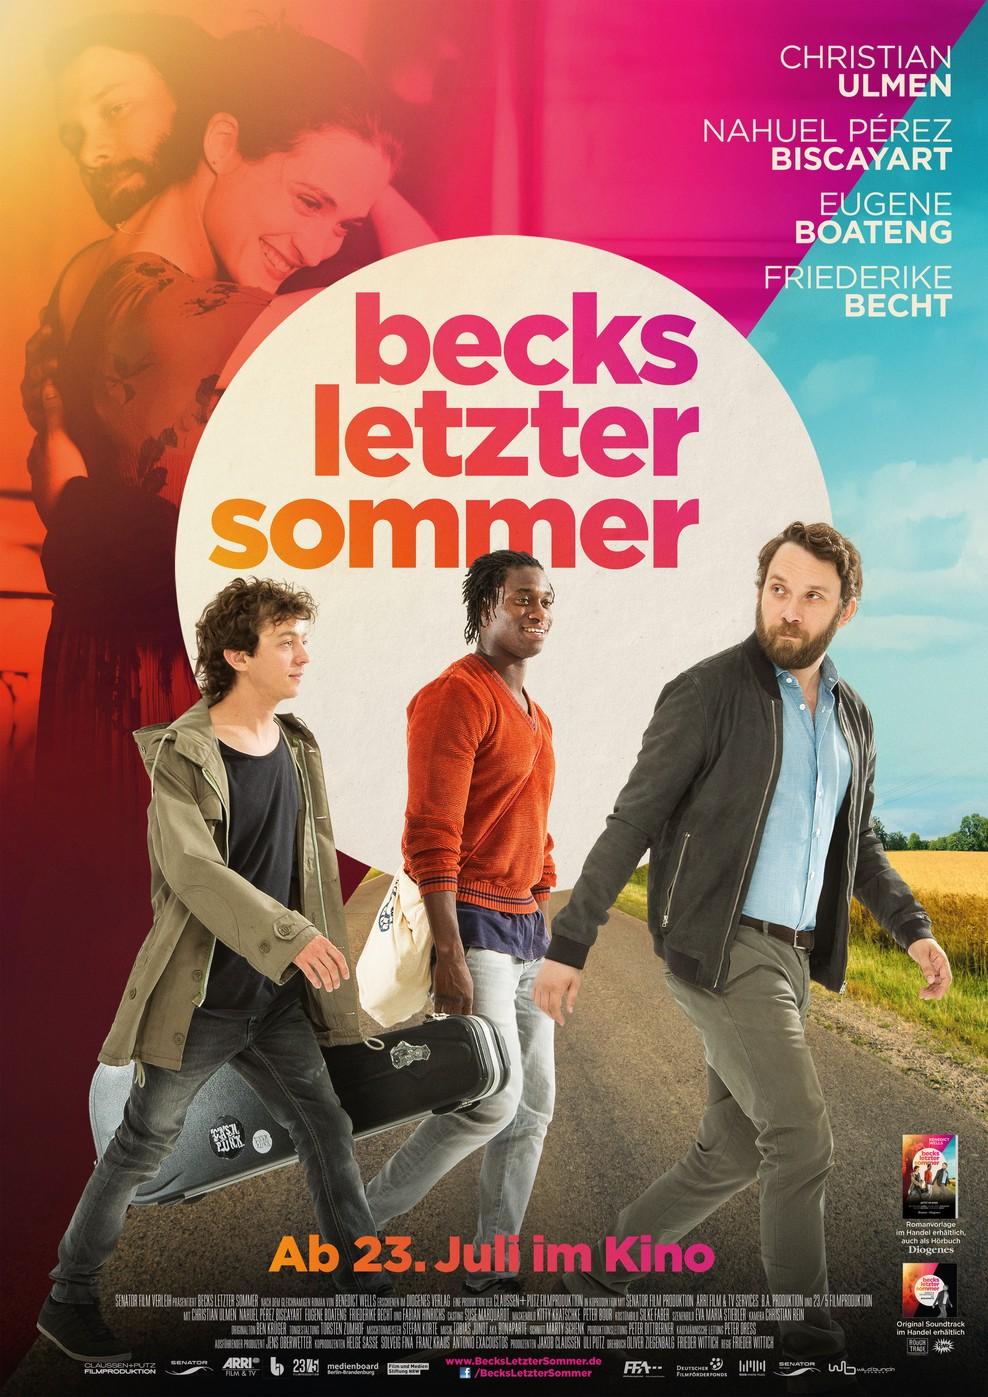 Becks letzter Sommer (Poster)